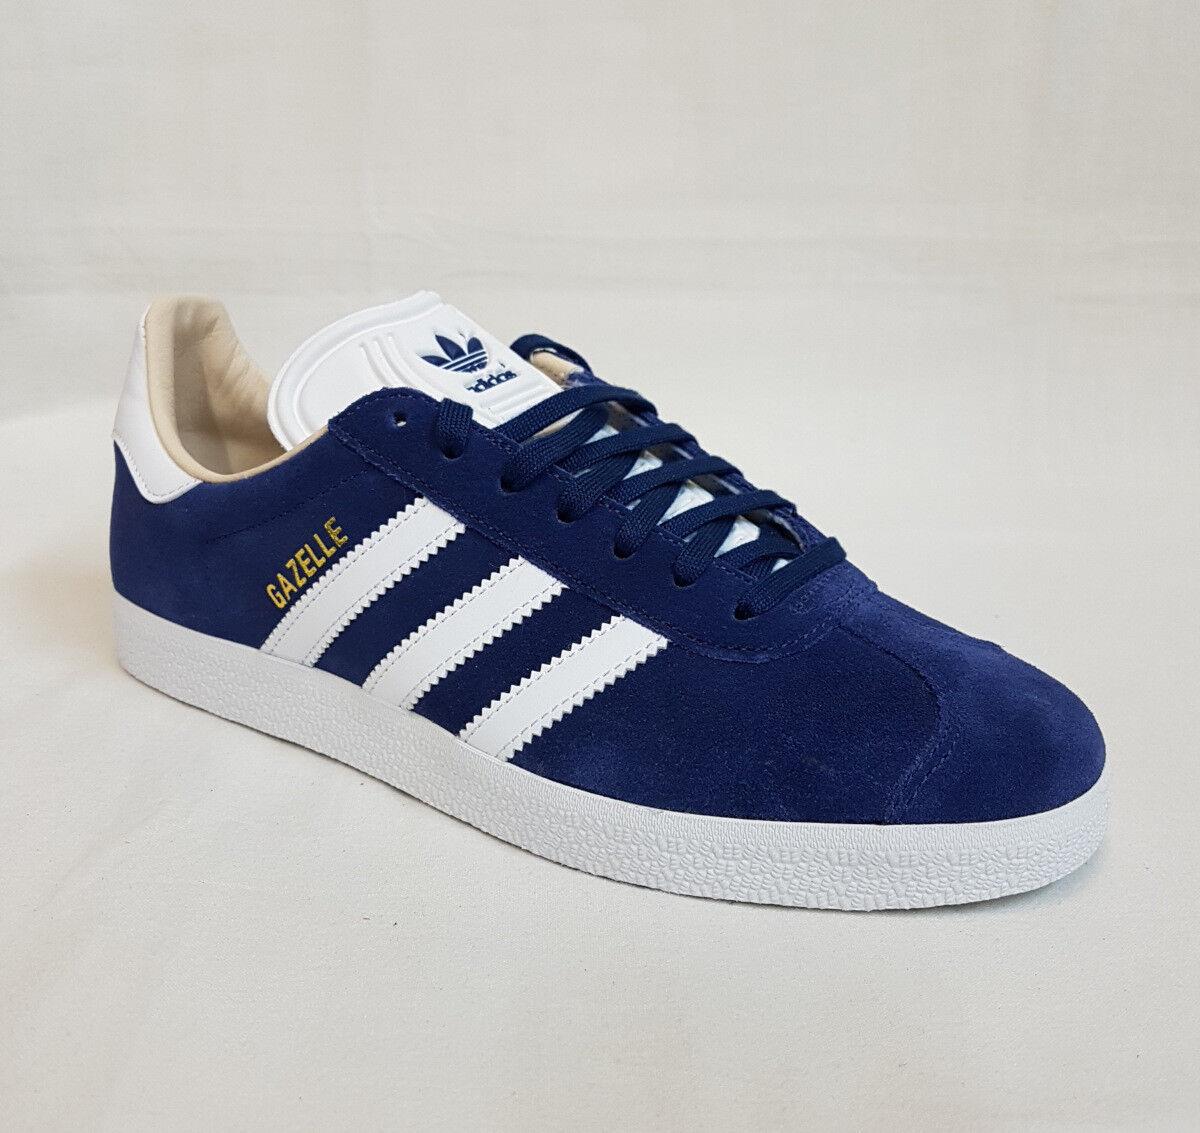 Adidas scarpe da ginnastica Donna Scarpe di pelle Gazelle Cq2187 Blu Indaco Sport